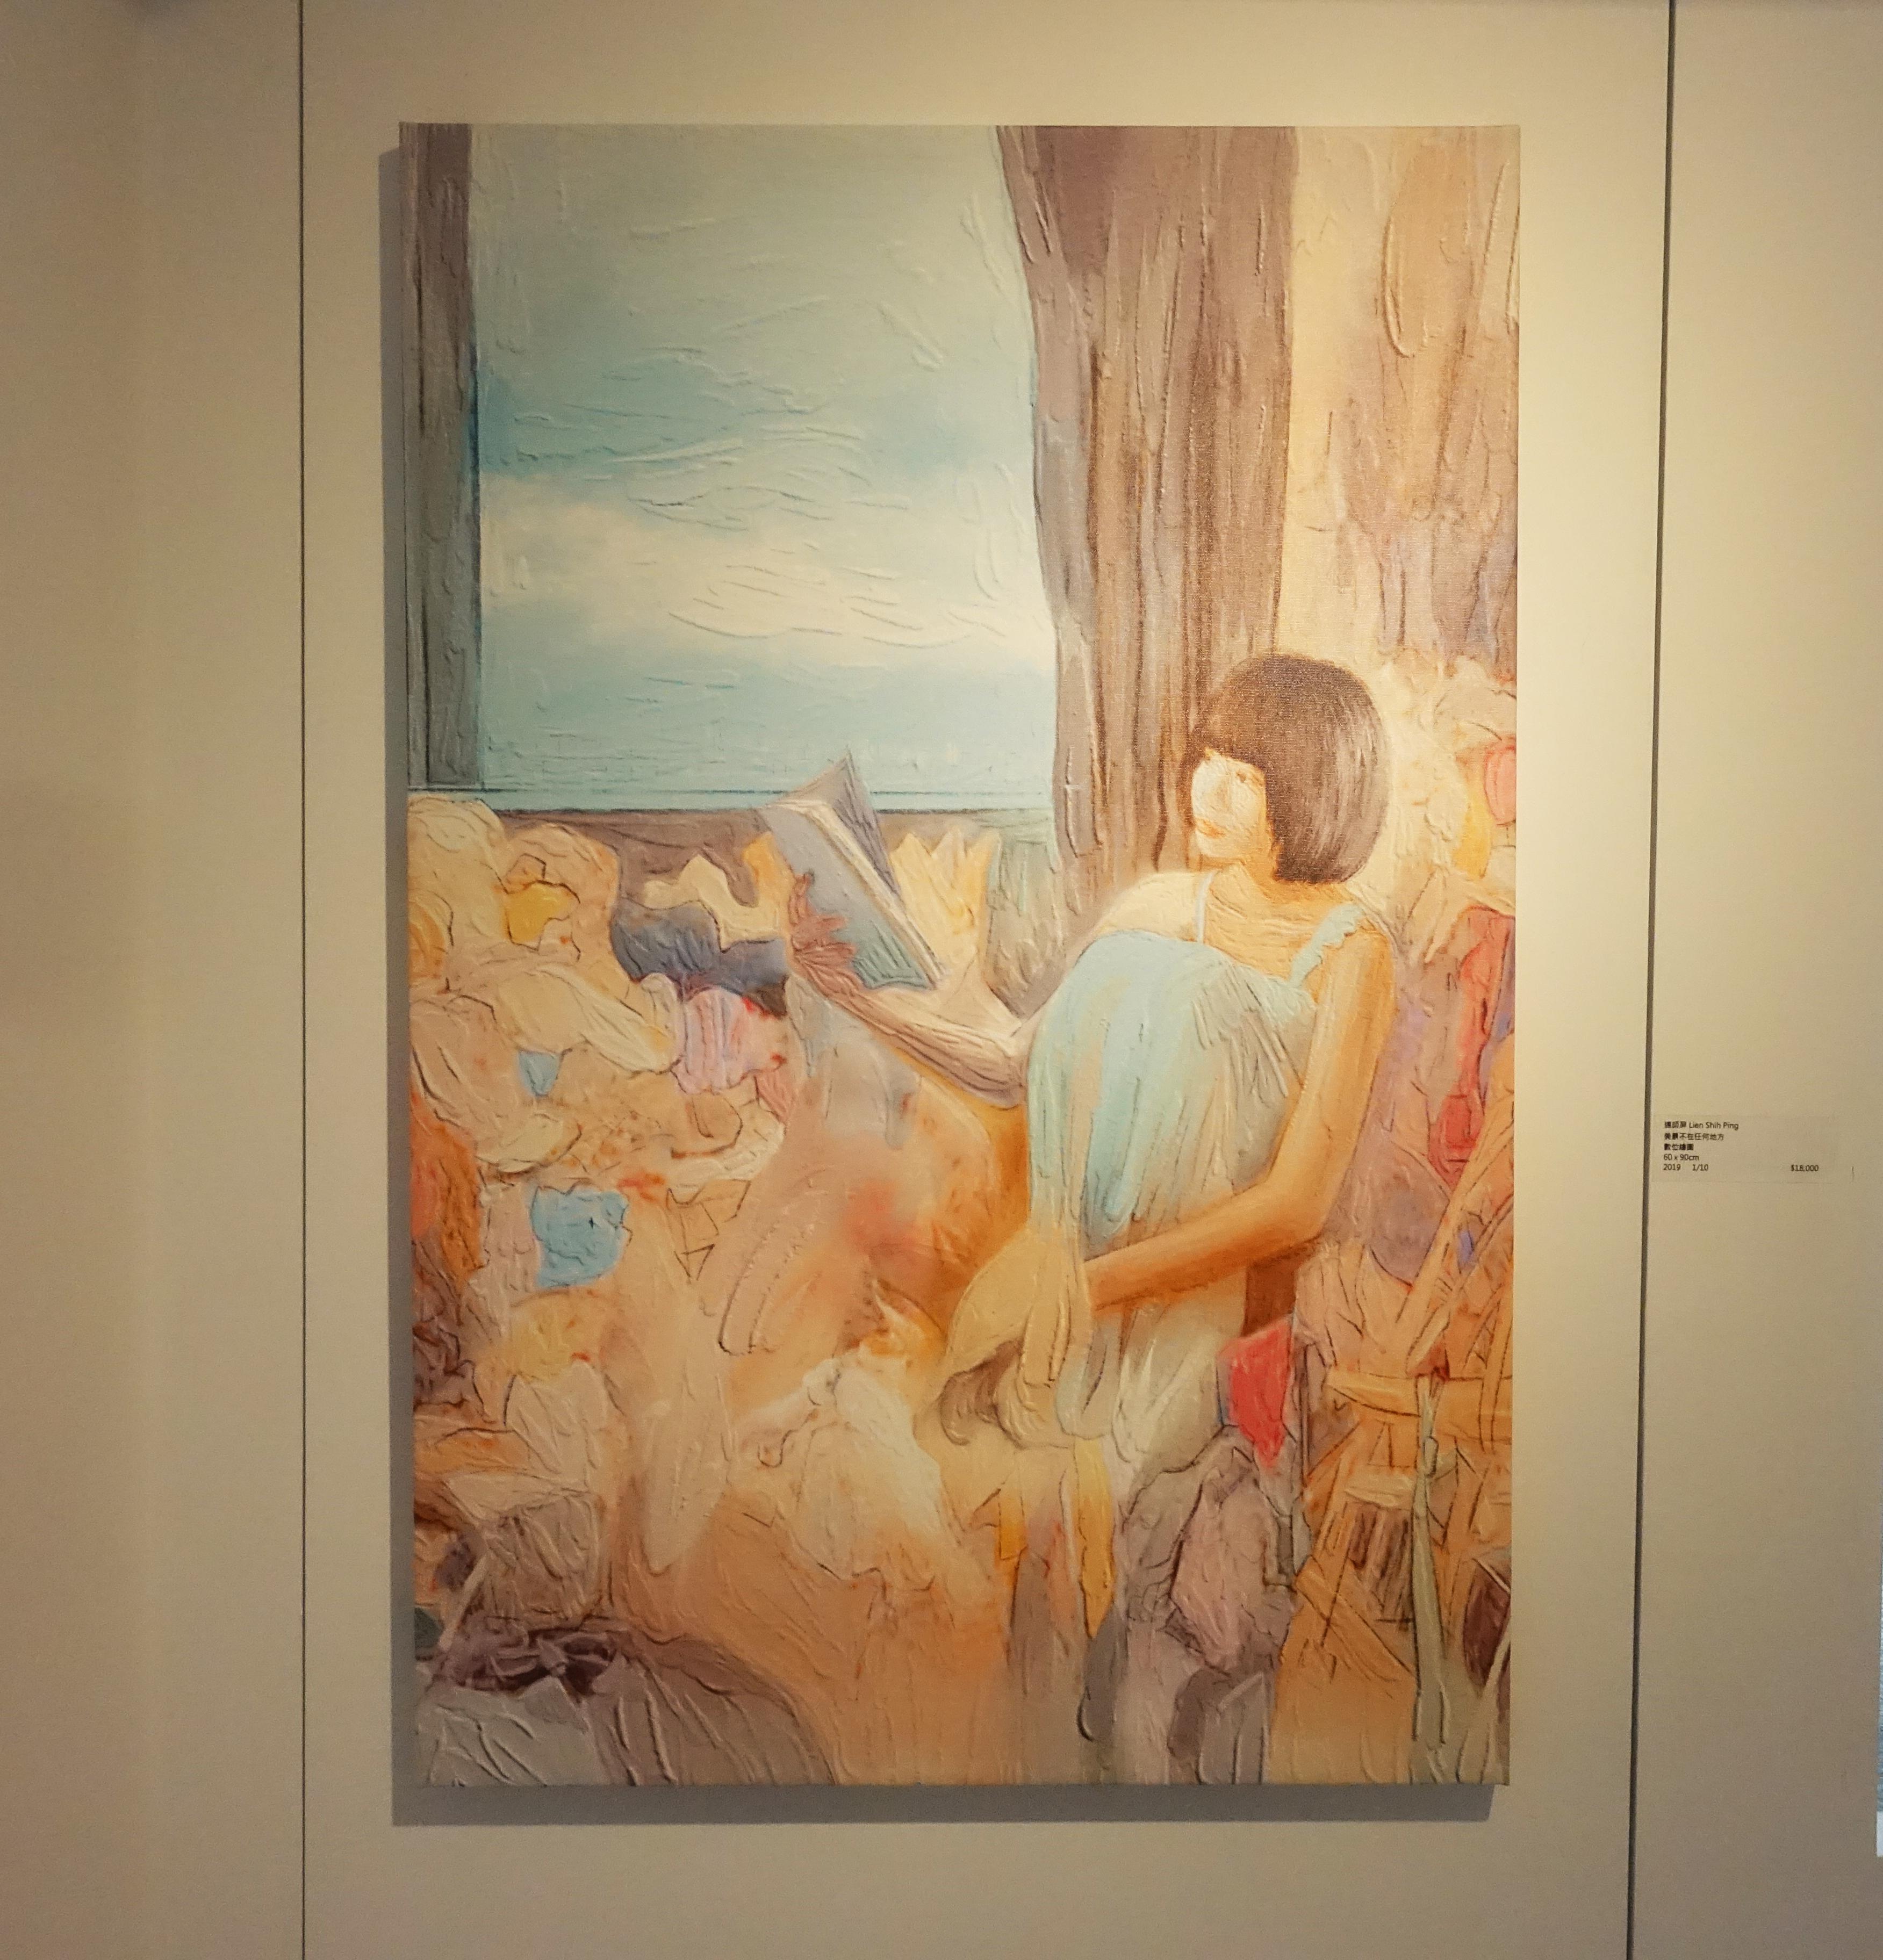 連師屏,《美景不在任何地方》,數位繪圖,60 x 90 cm 1/10,2019。